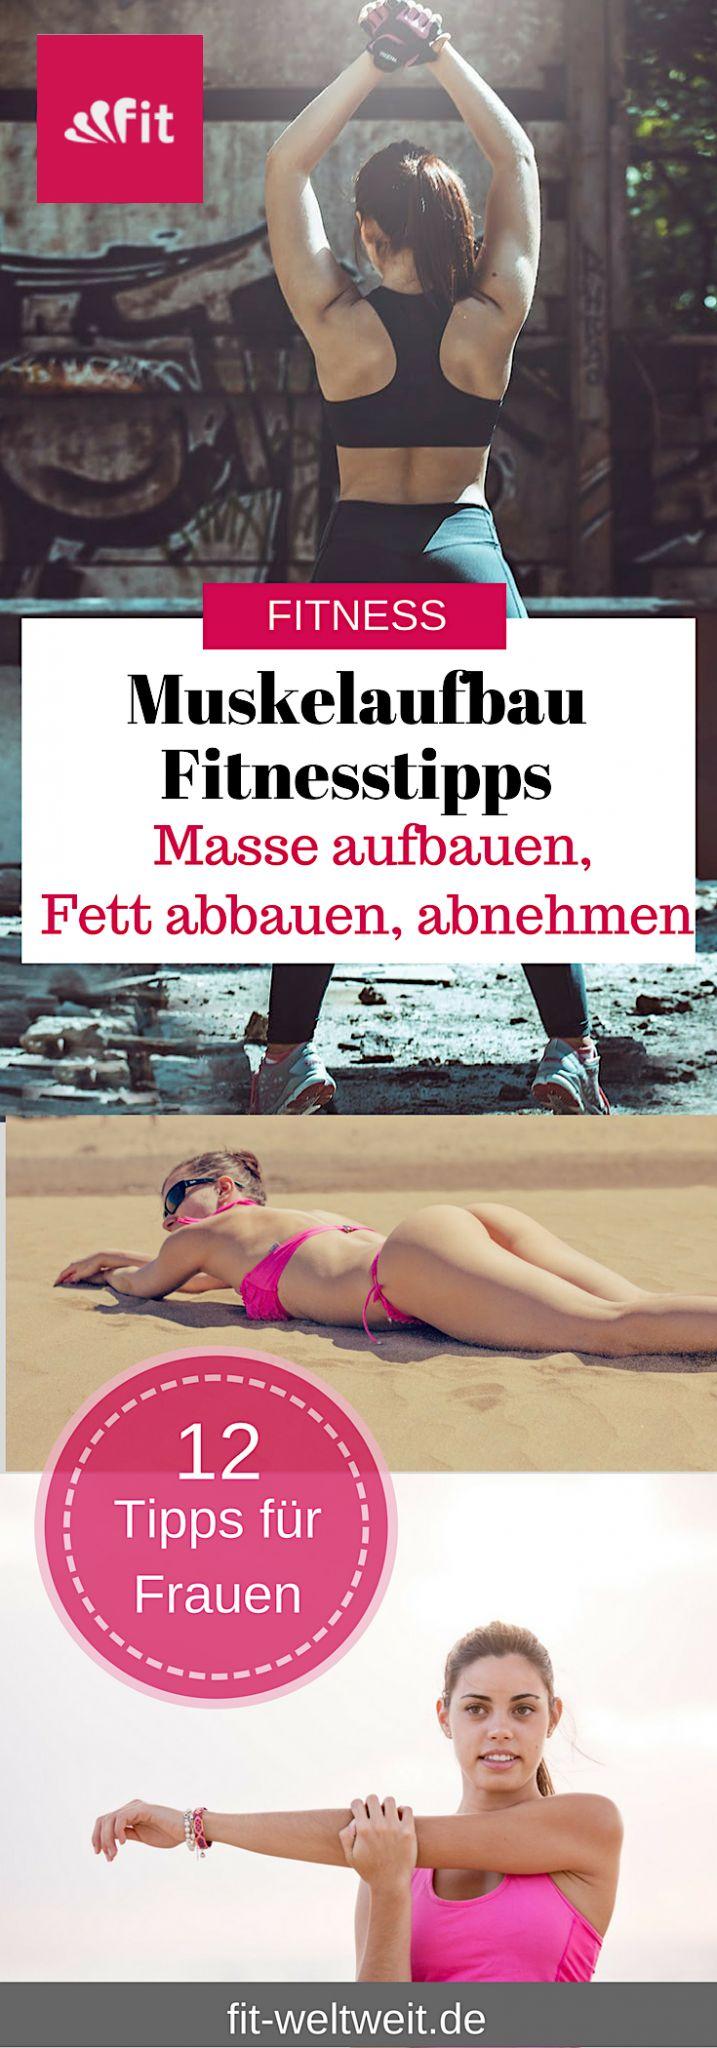 215 Besten Arme Training Brust R 252 Cken Workout Bilder Auf Pinterest Abnehmen Aufw 228 Rmen Und